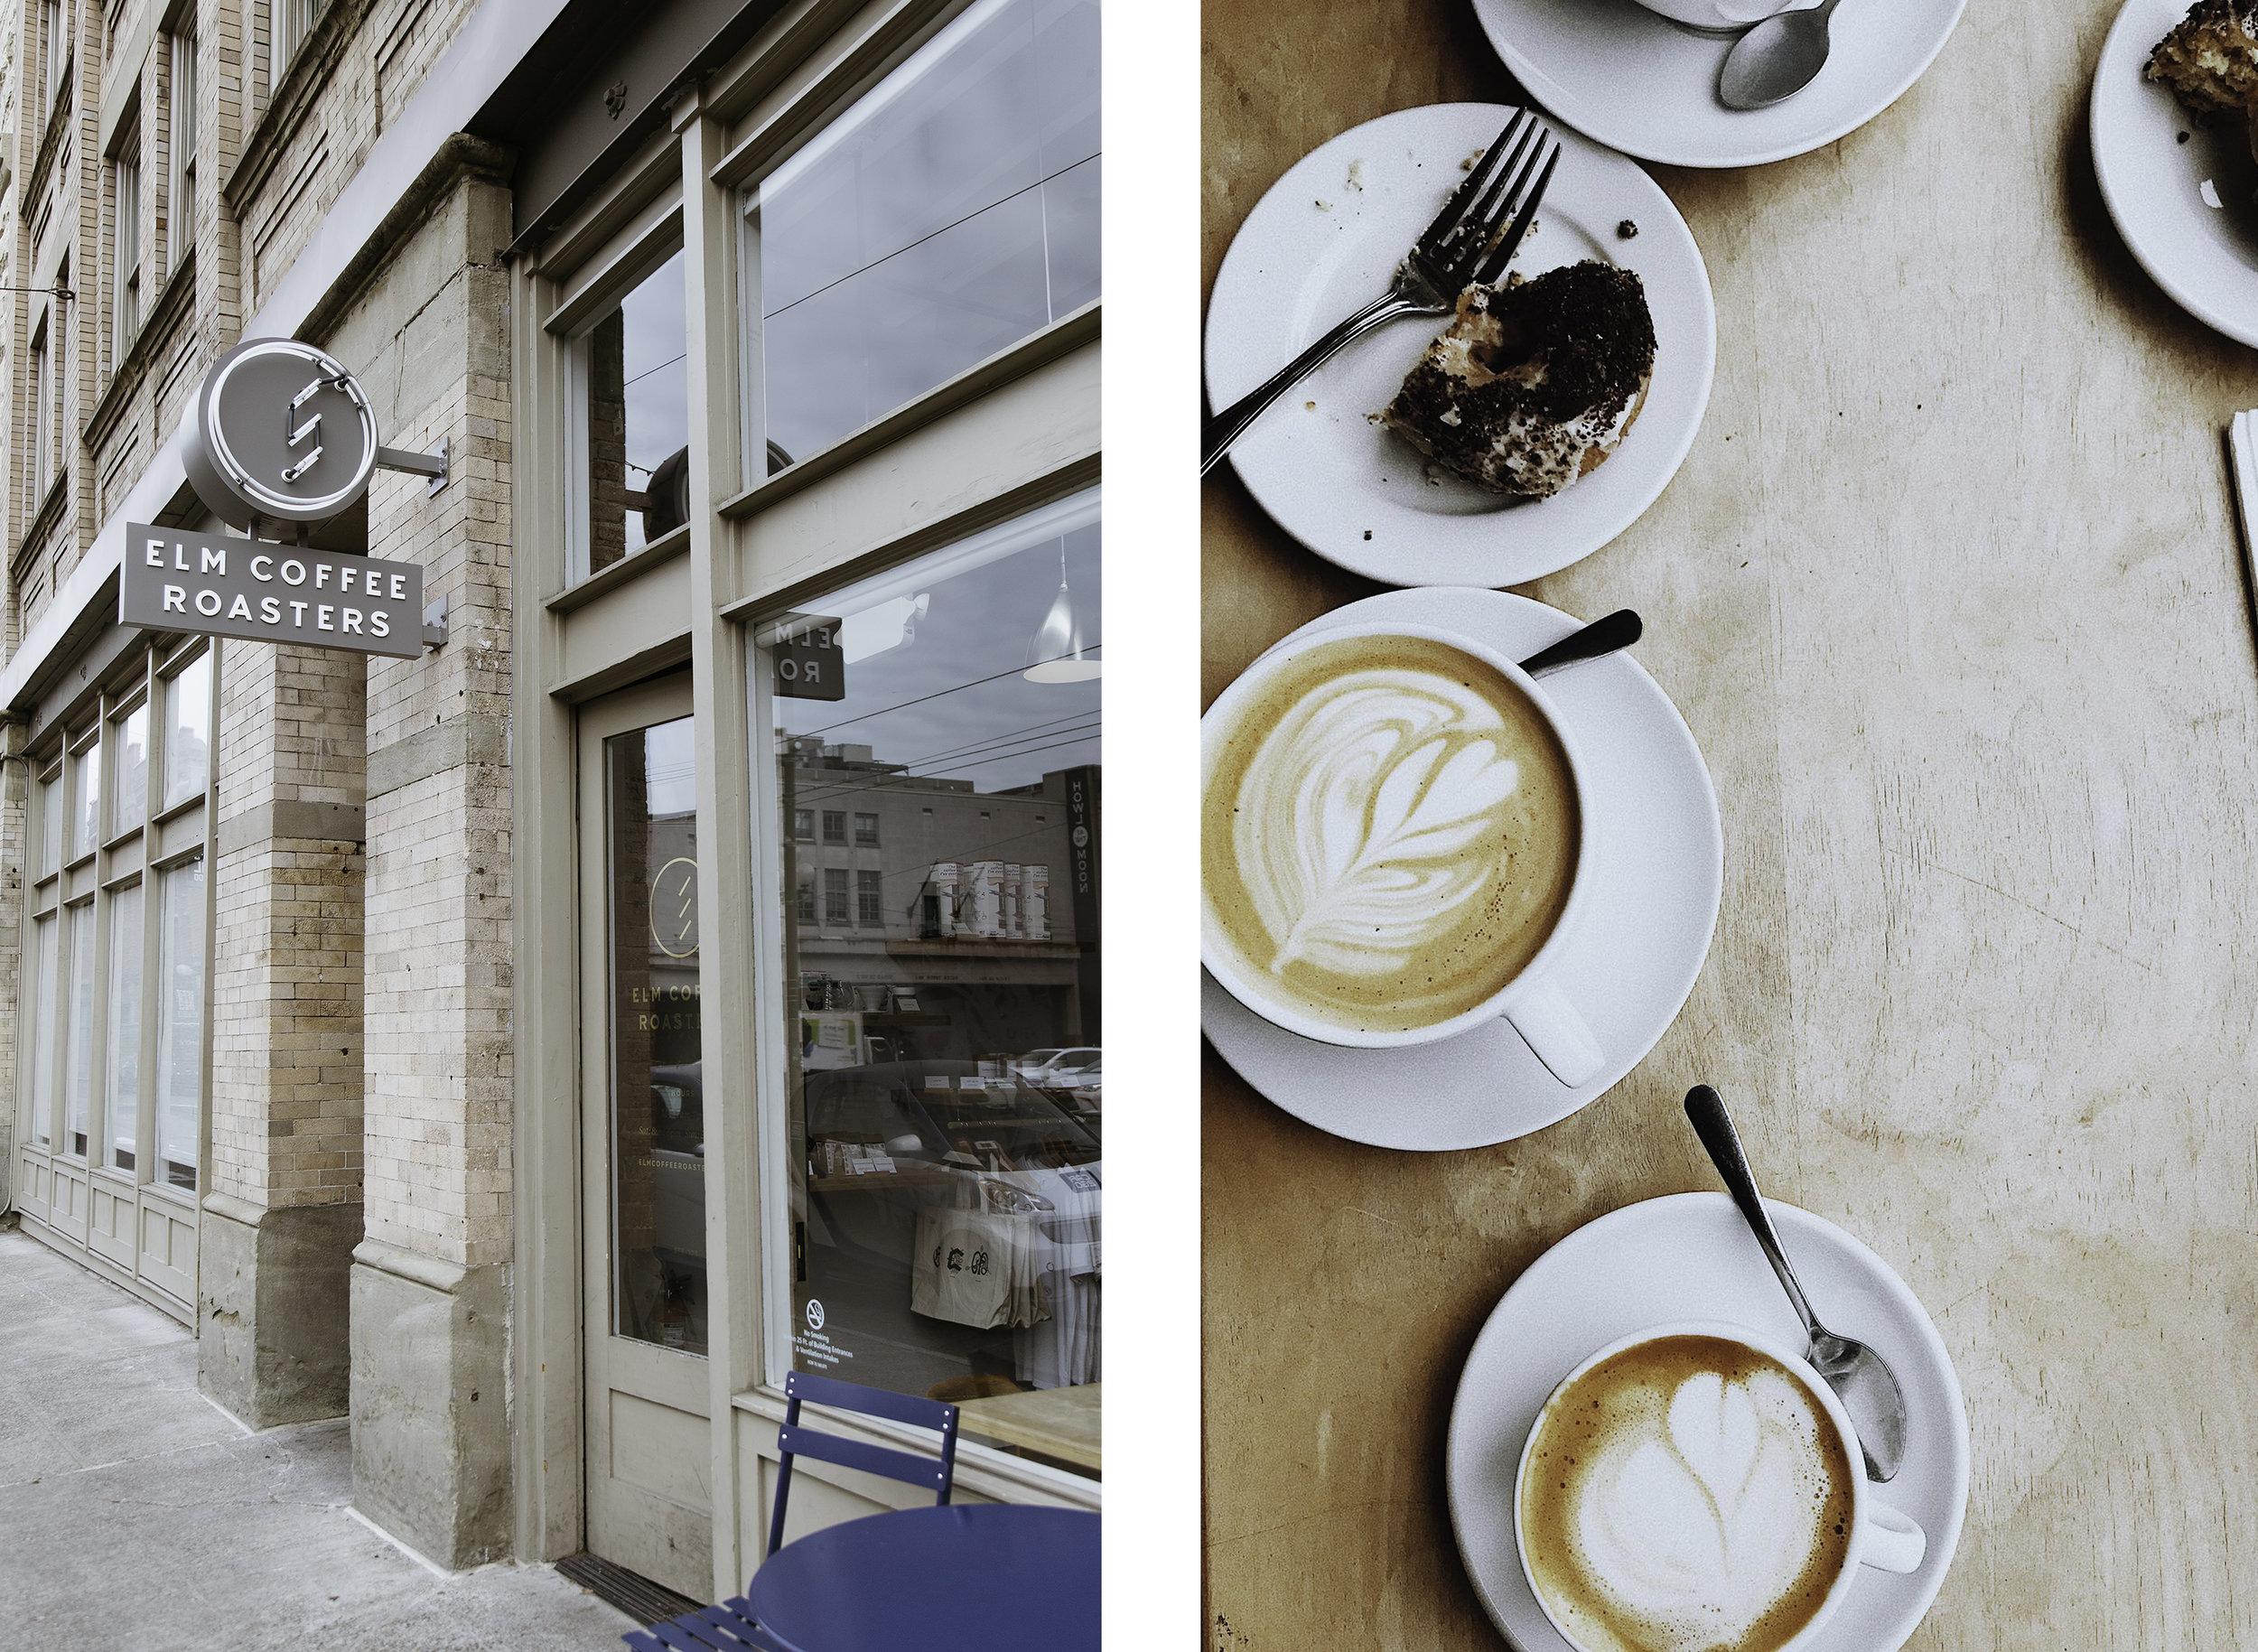 Elm Coffee Roasters Seattle- Emily Joan Greene